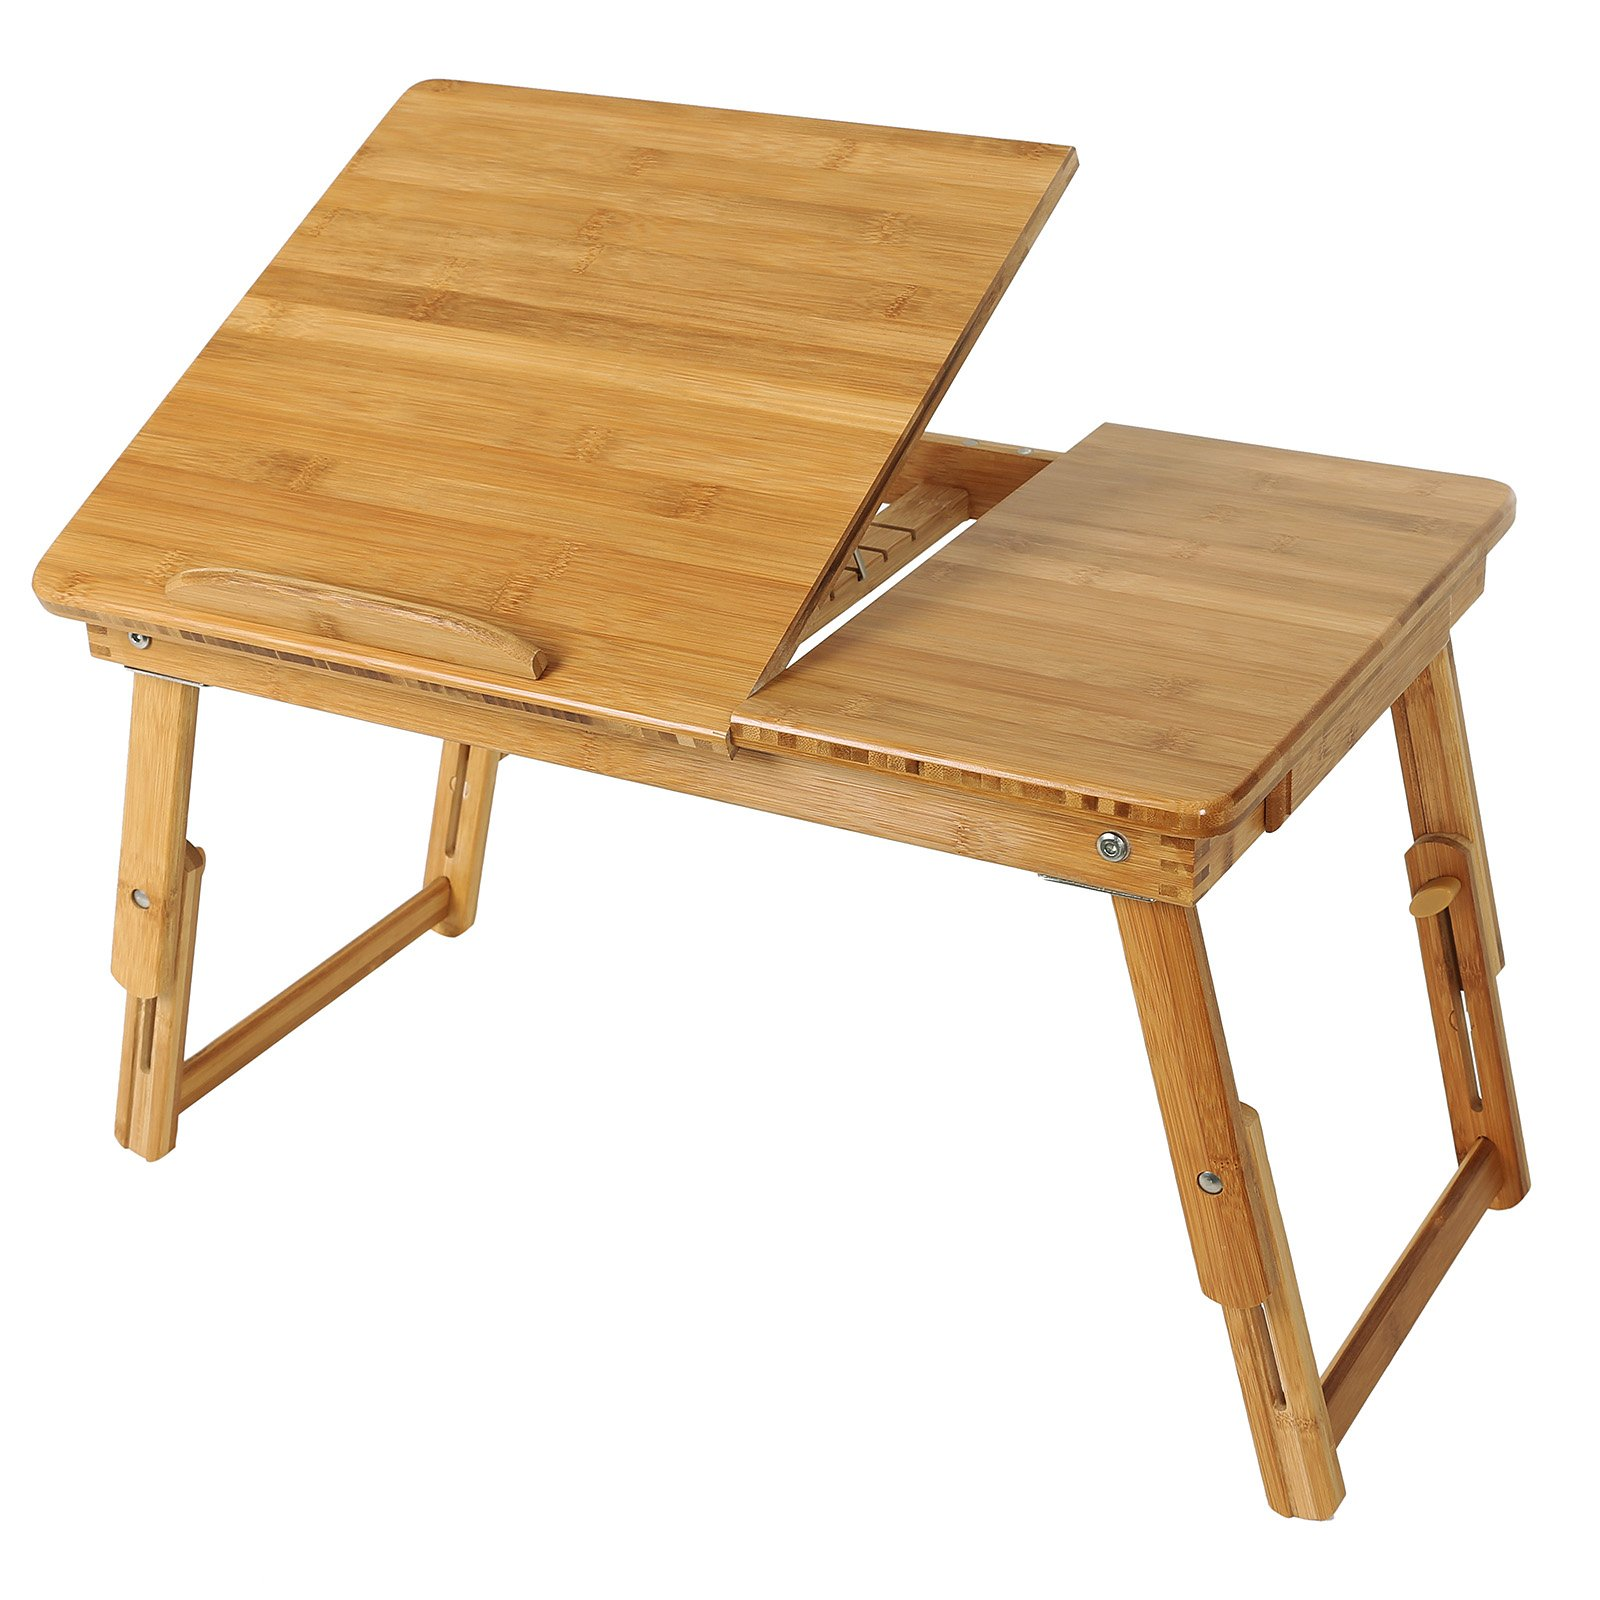 Songmics laptoptisch notebooktisch betttisch lese tisch 35 - Tavolo da disegno ikea ...